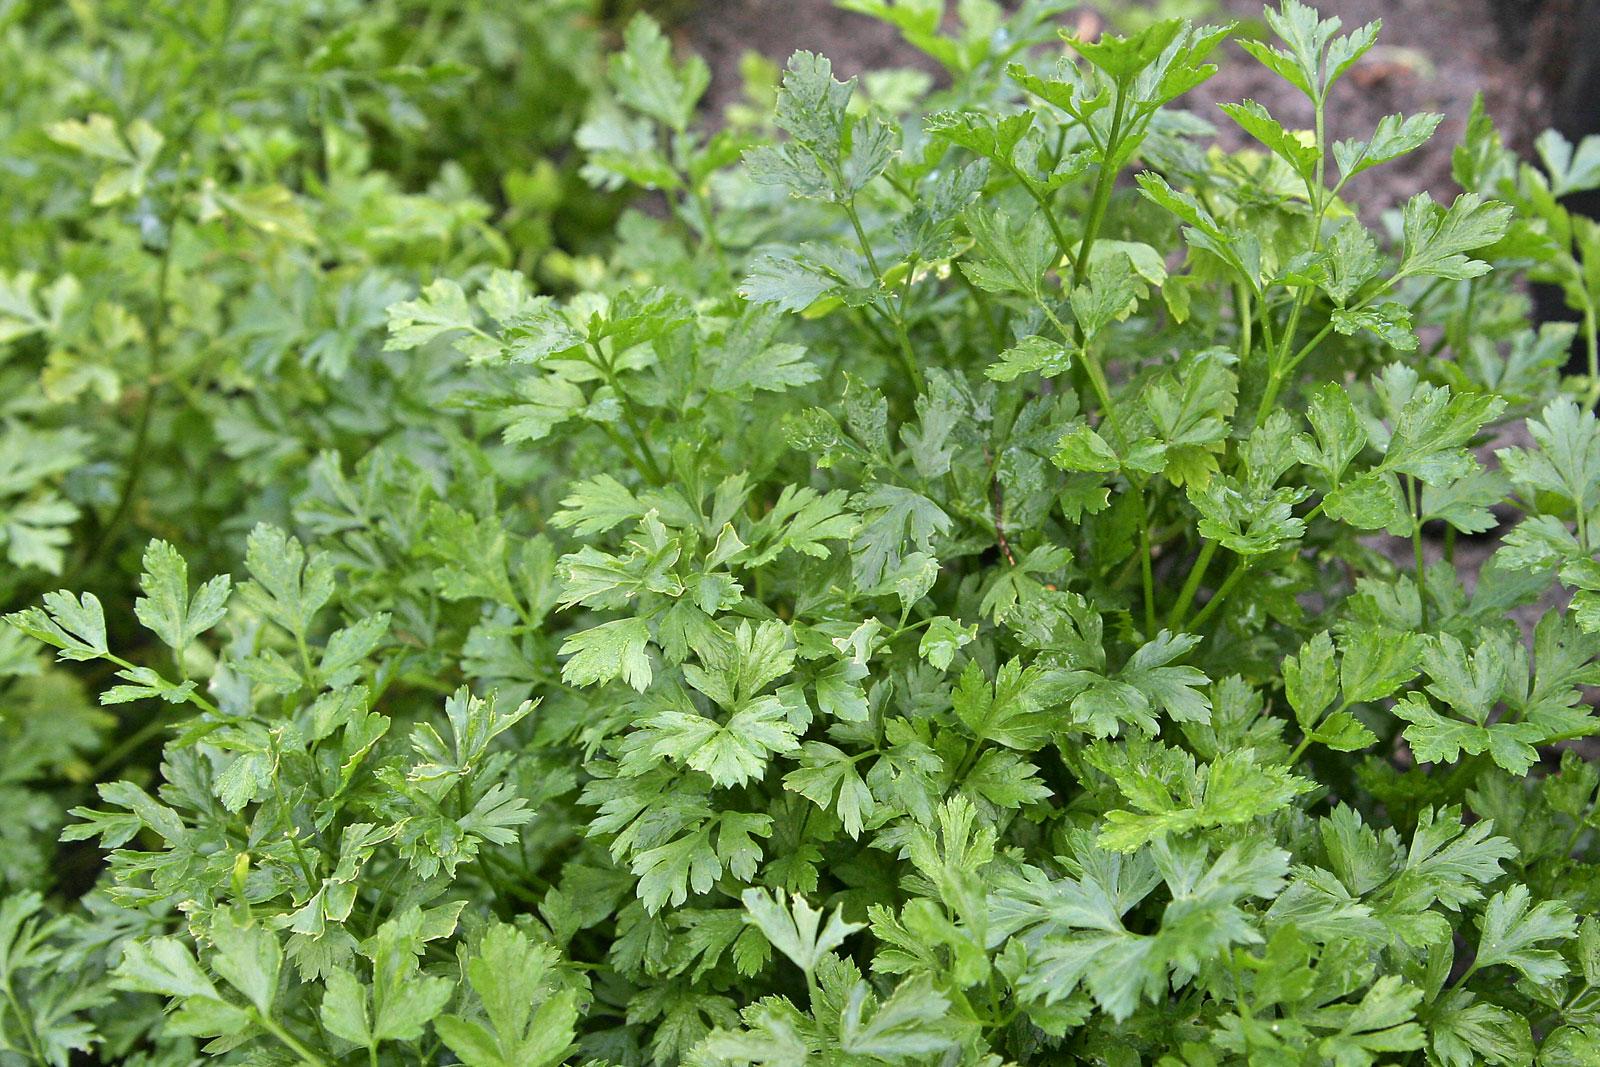 σούπερ λαχανικά και όσπρια: μαϊντανός